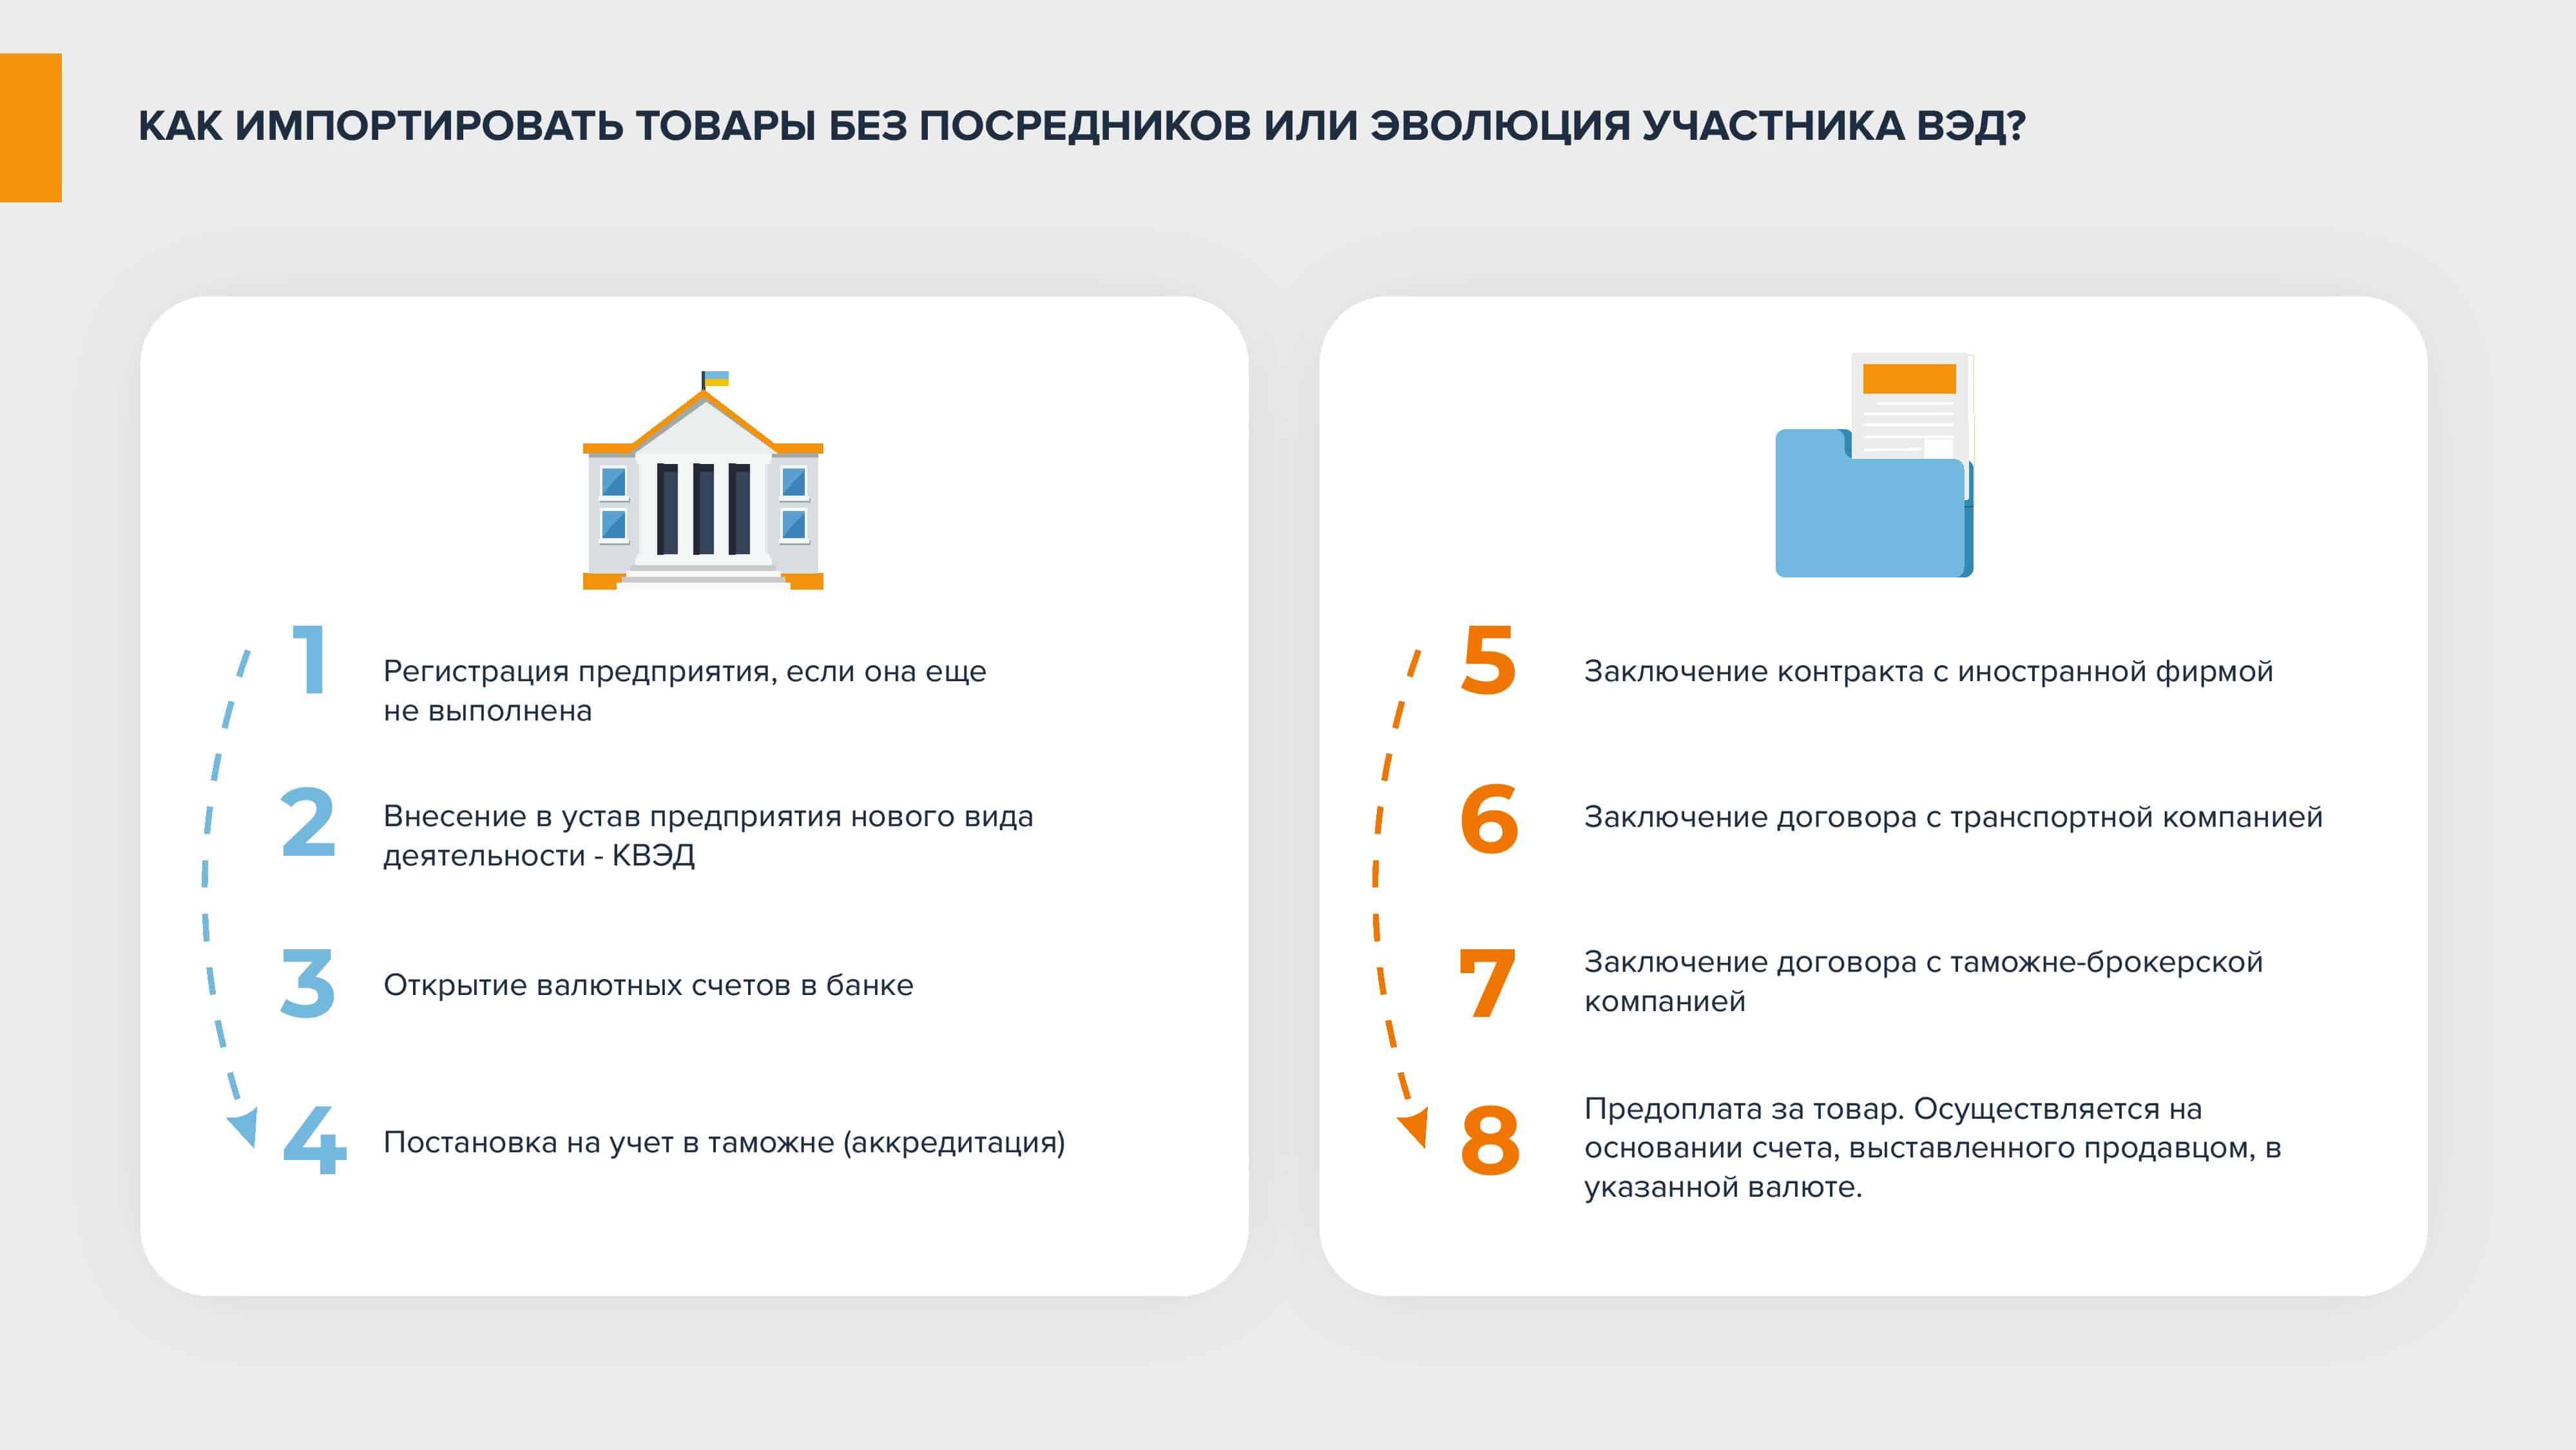 Prezentatsiya-EuroEx - Международная доставка грузов — транспортно логистические перевозки в Украину | EuroEx-  фото5